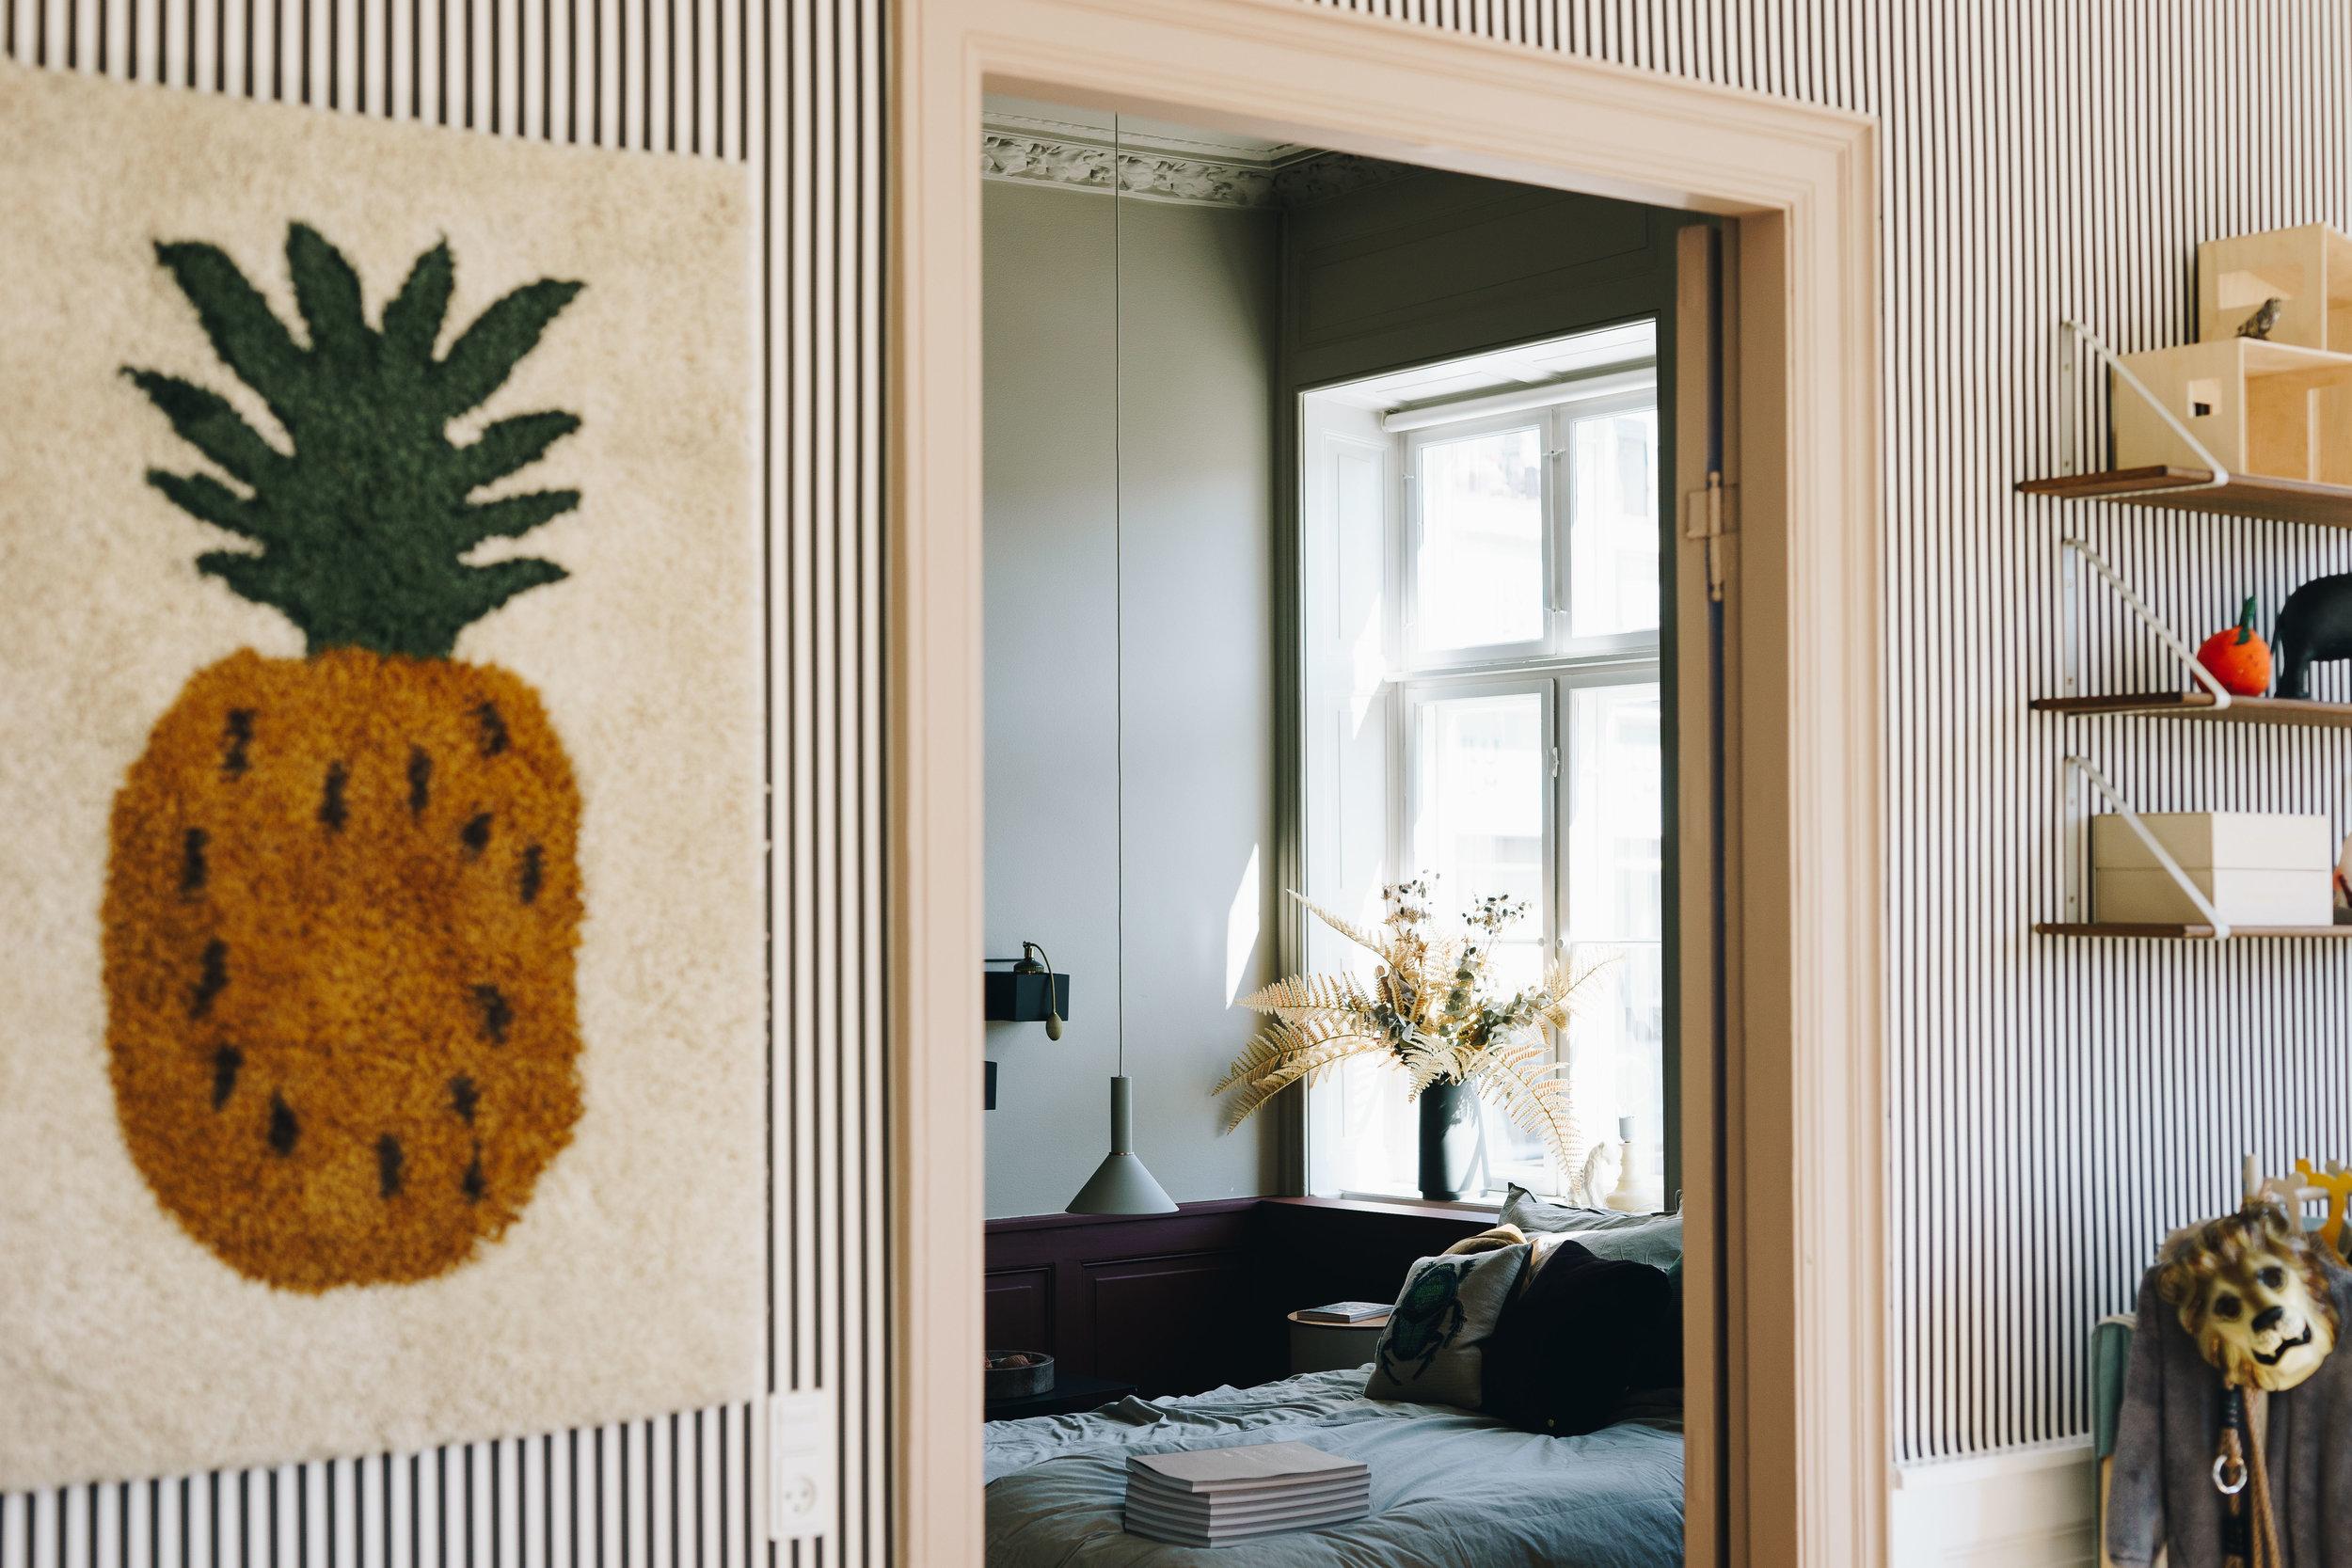 ASROSENVINGE_The Home by Ferm Living_Copenhagen-08772.jpg